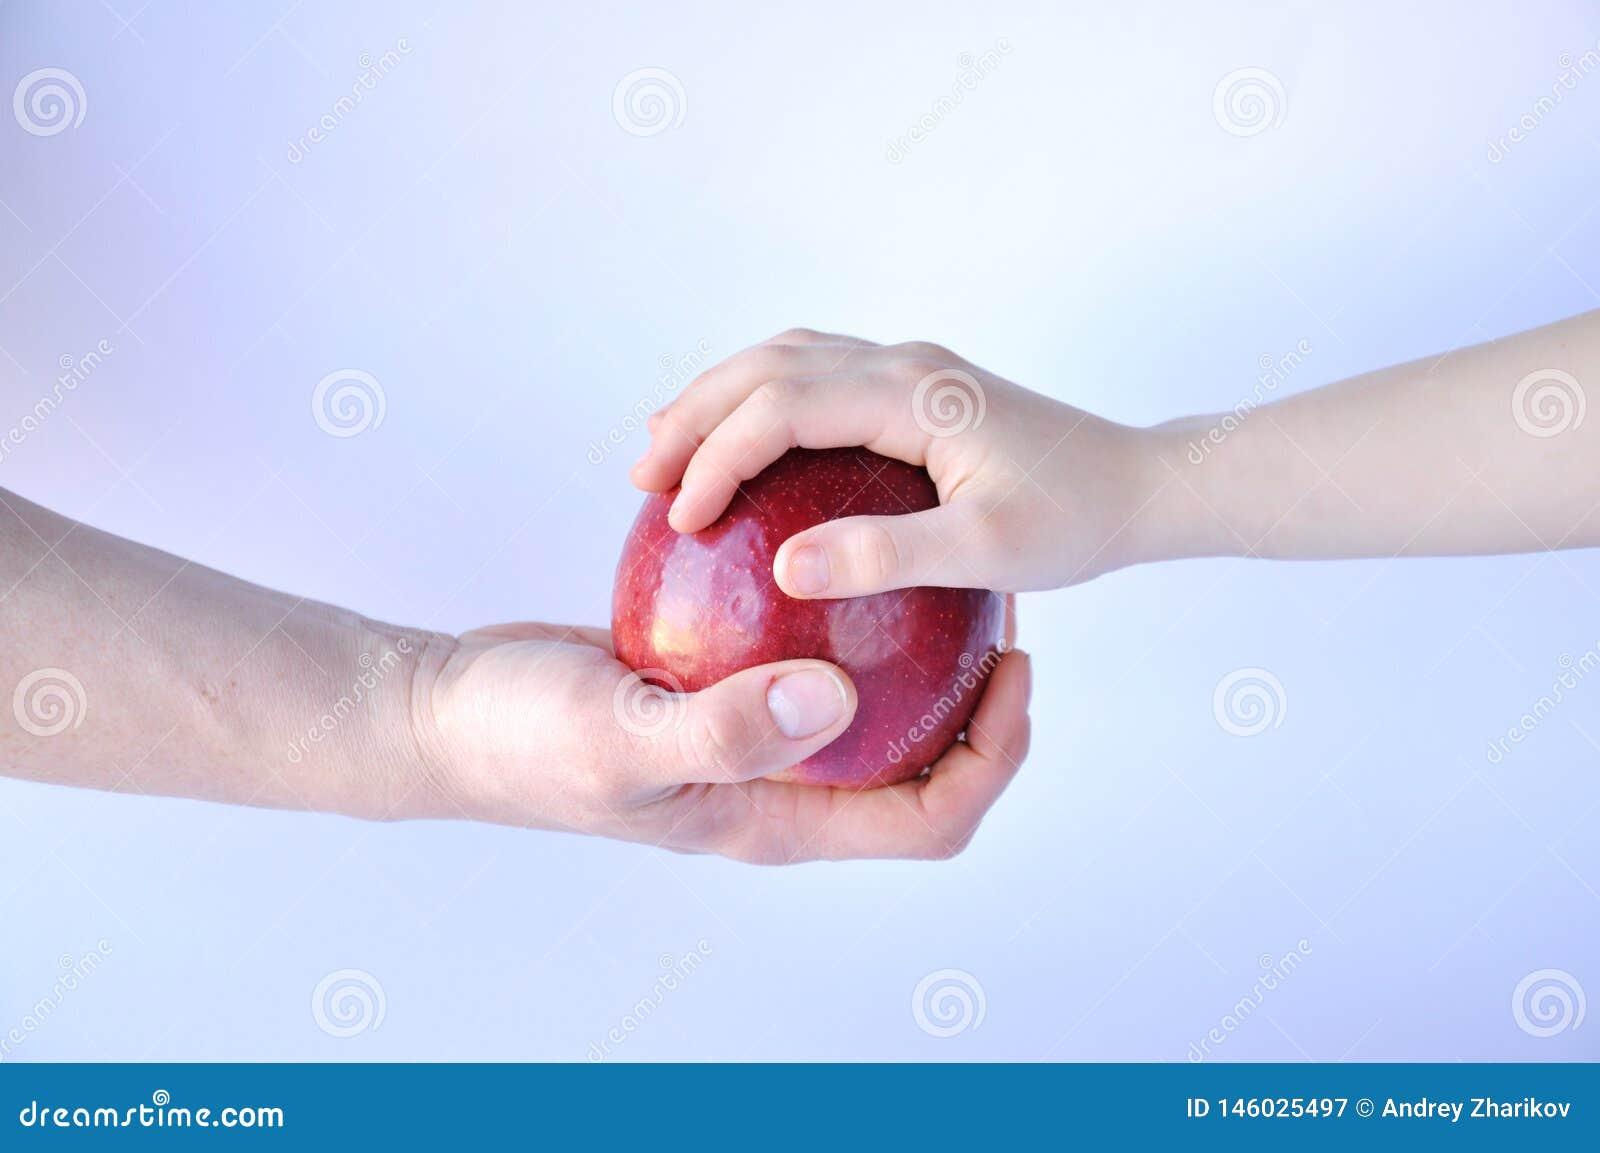 手给一个红色苹果另一只手